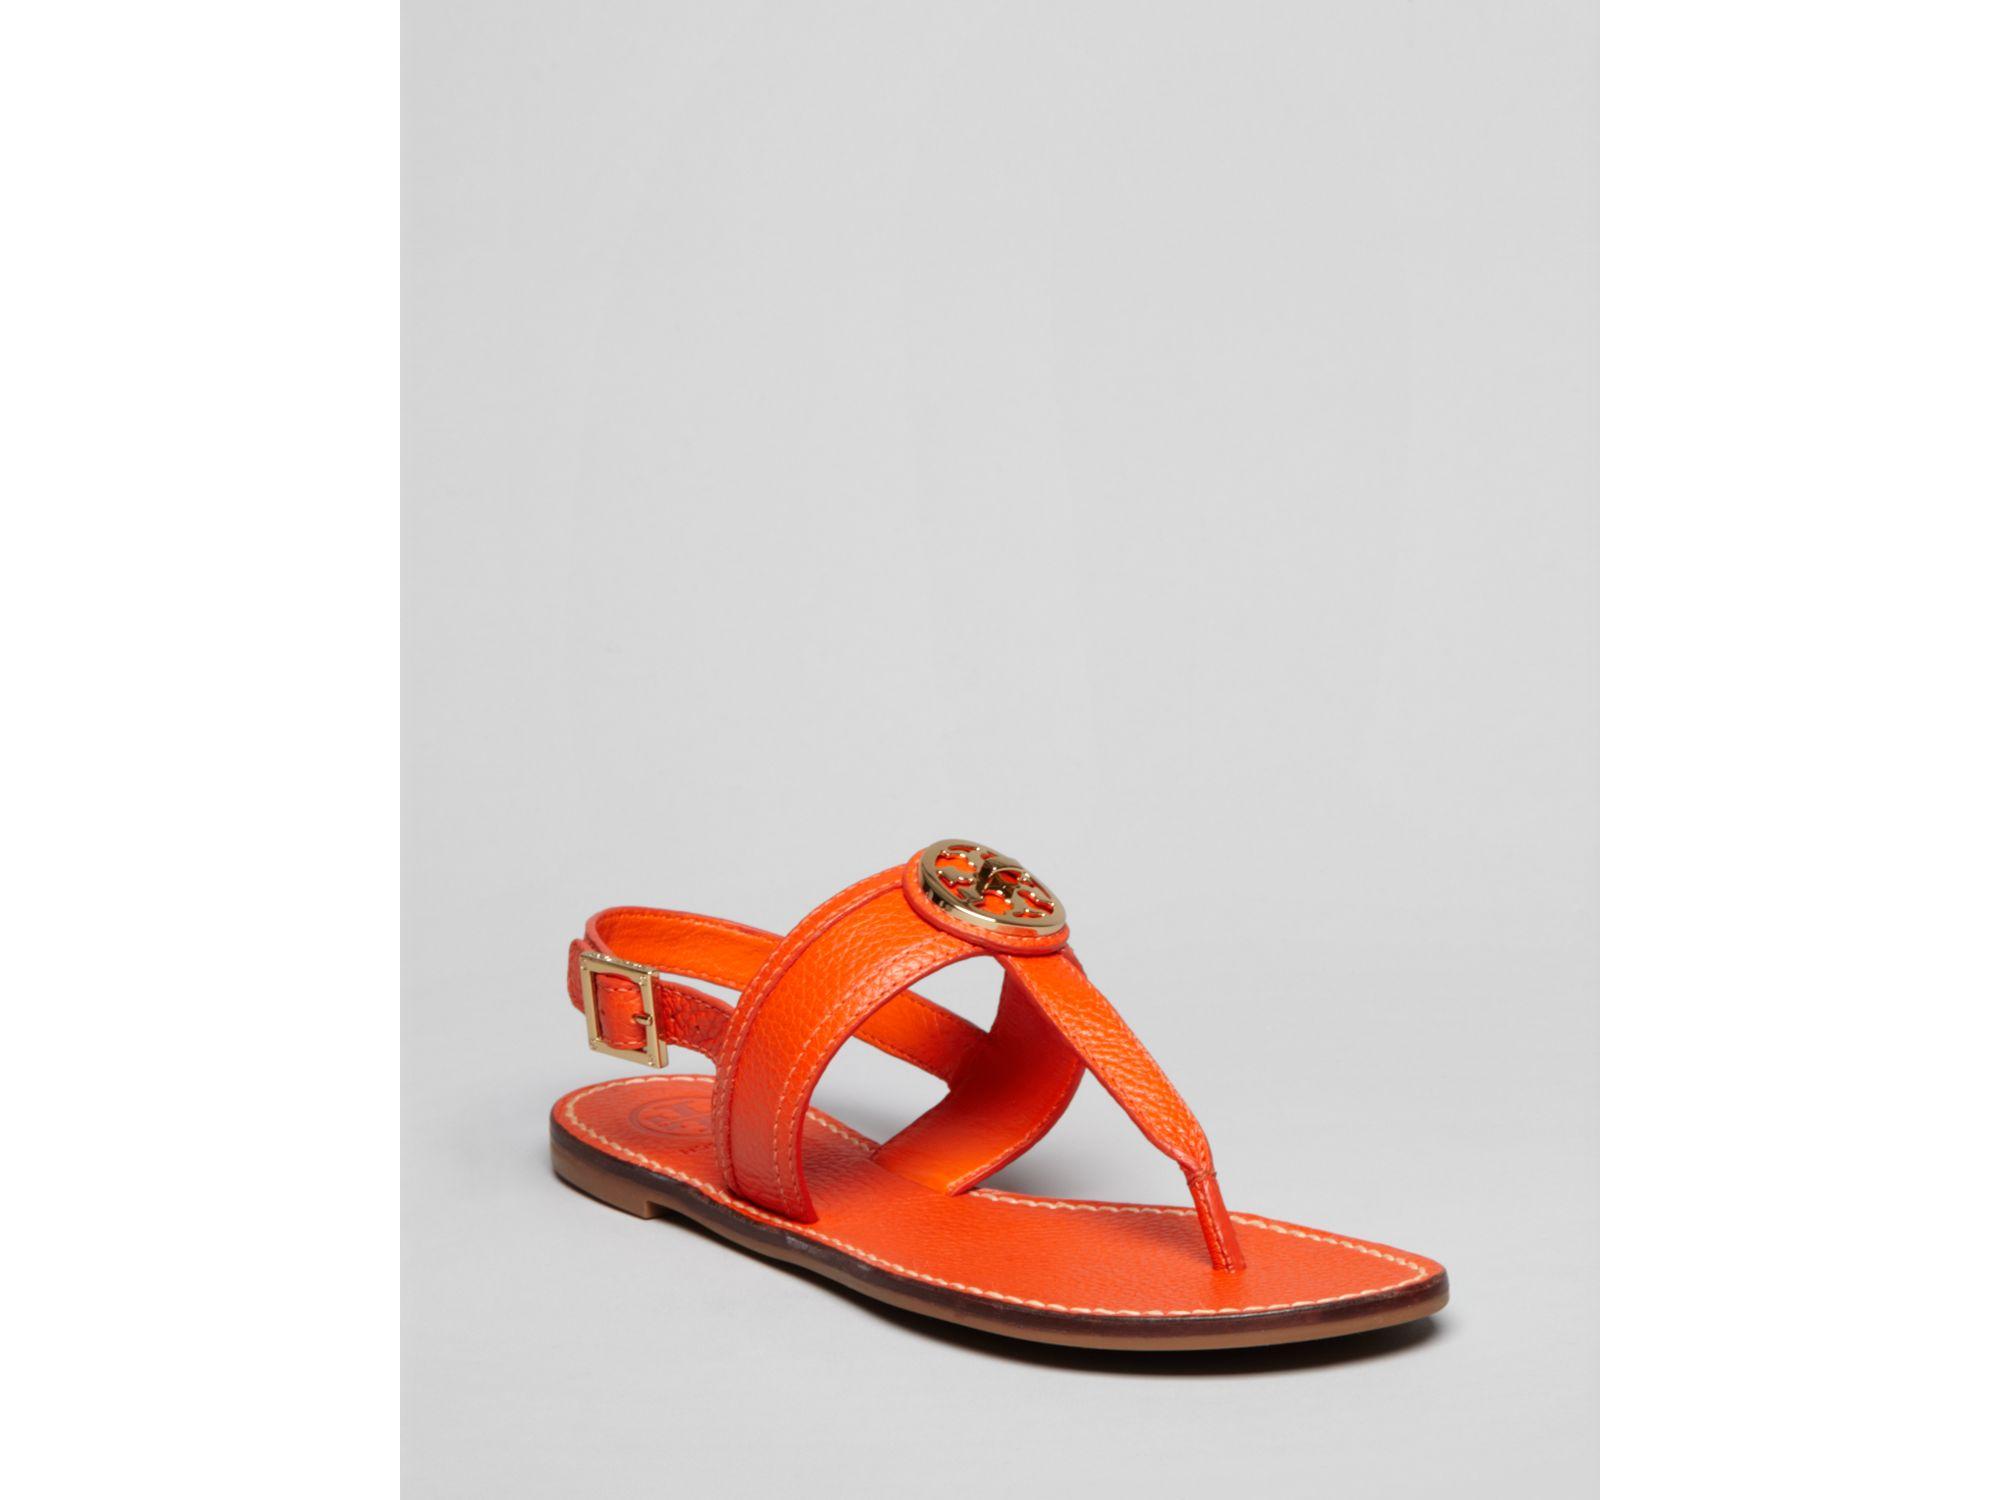 Tory Burch Flat Thong Sandals Selma Slingback In Orange ...